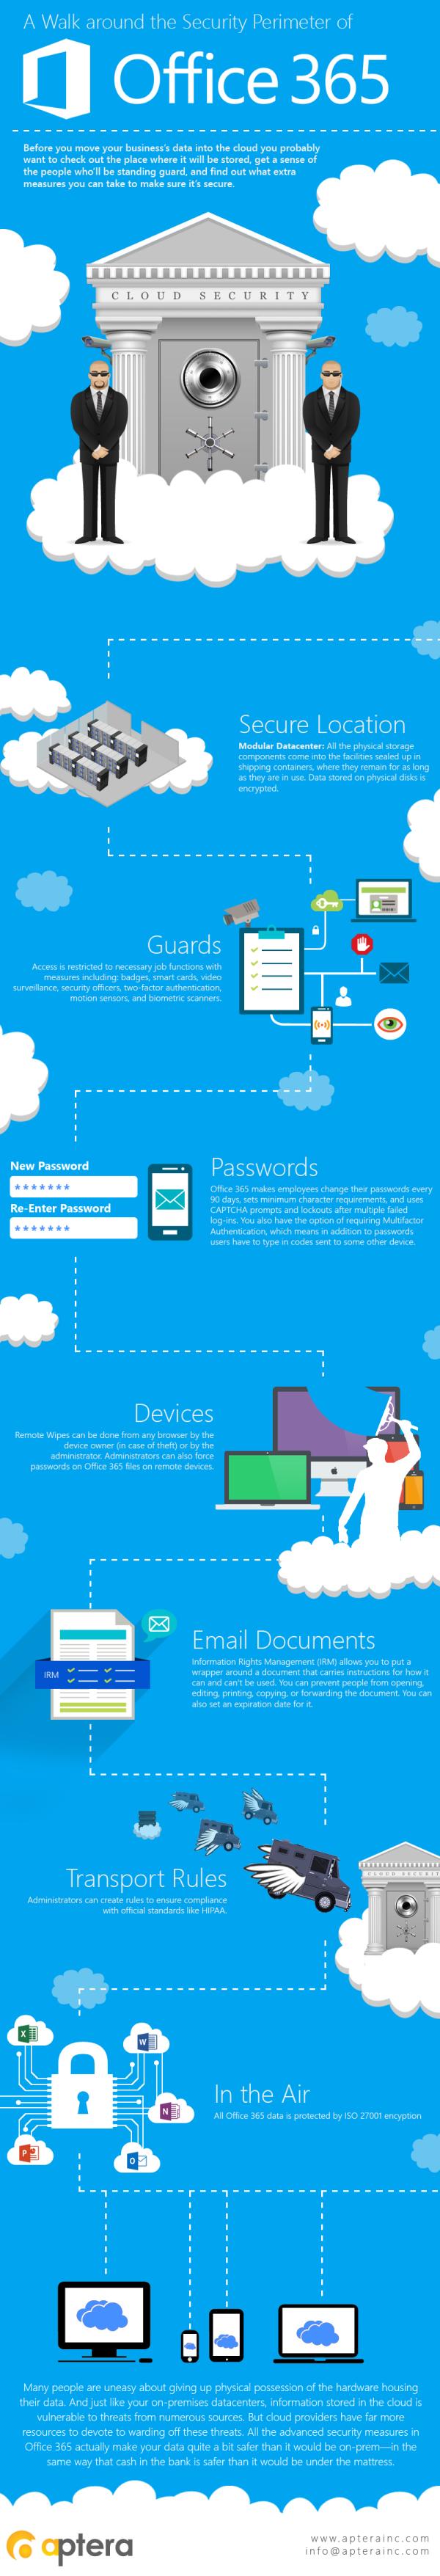 veiligheidsmaatregelen Office 365